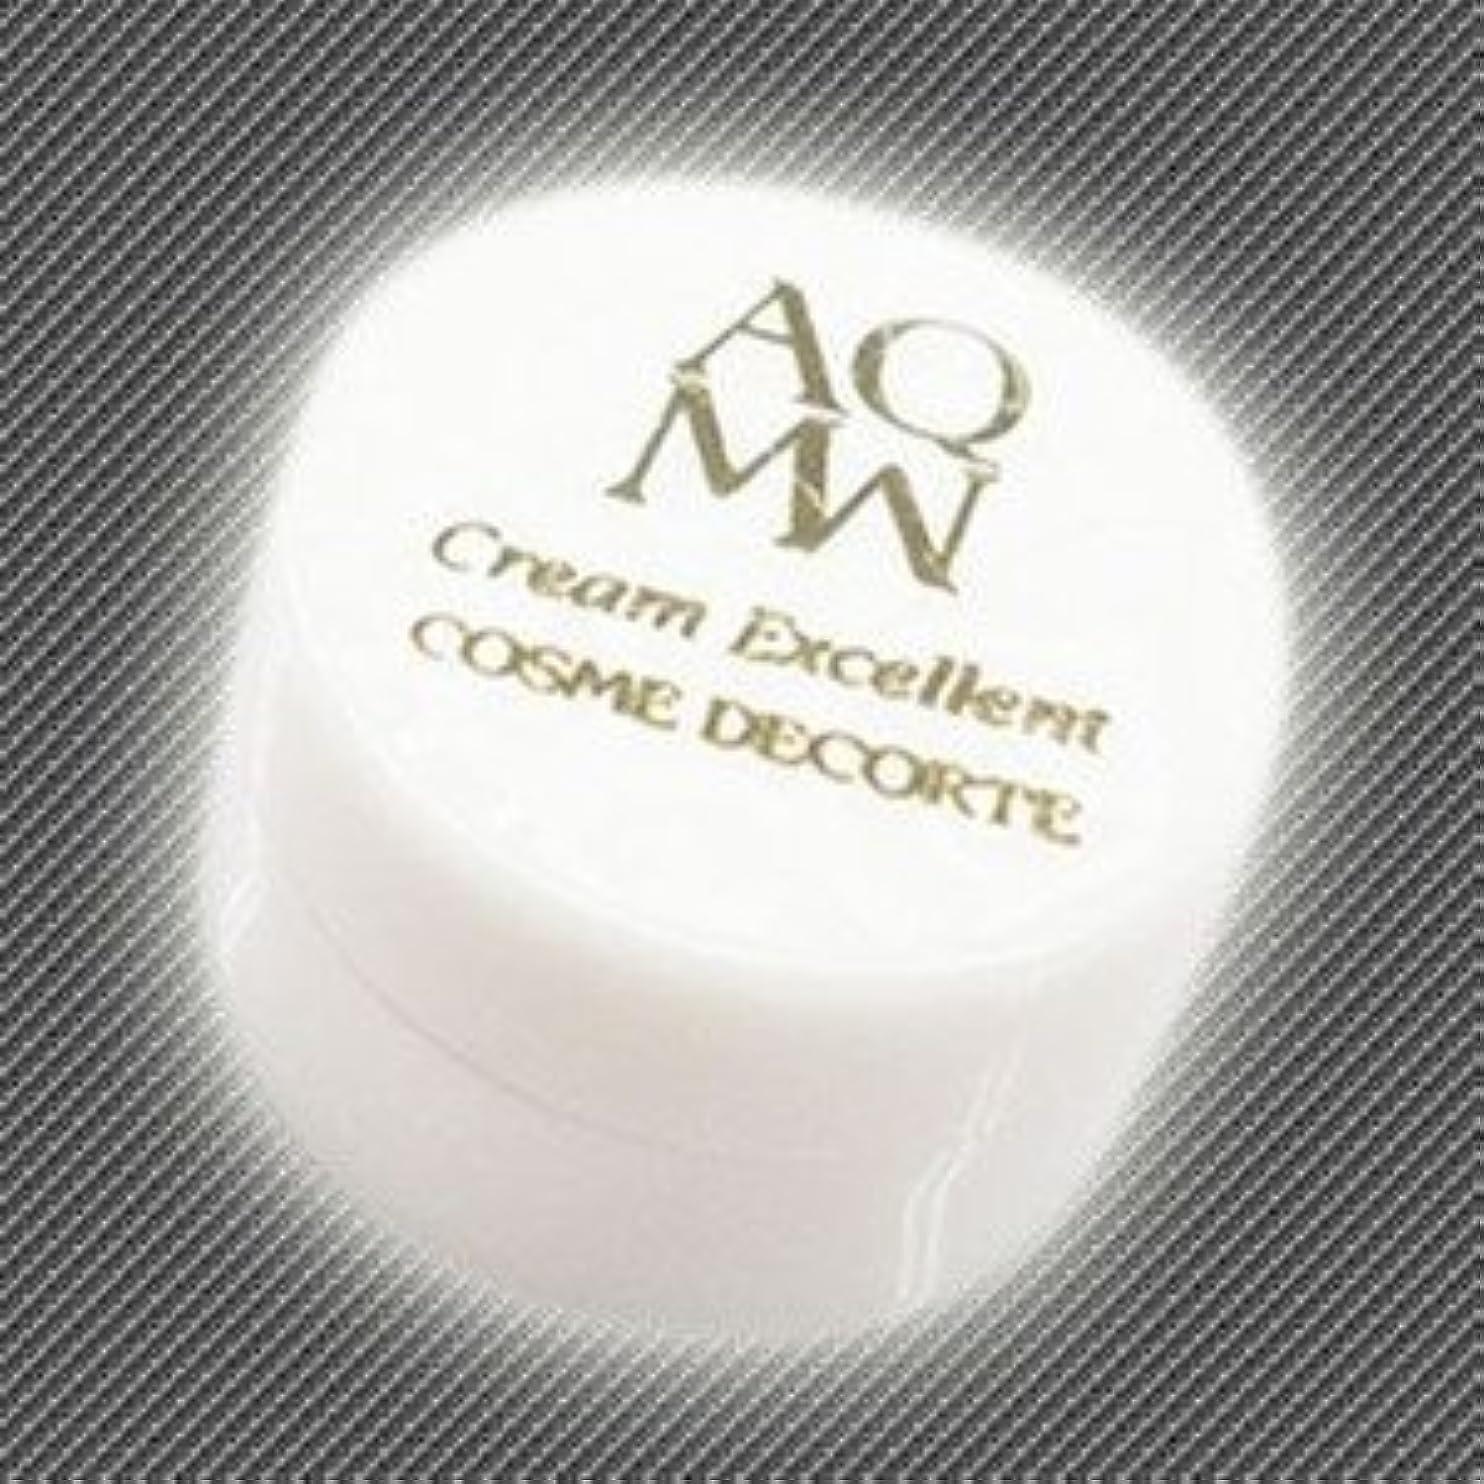 ロードされた揃える熟達したコスメデコルテ AQ MW クリームエクセレント 2.4ml(ミニ)